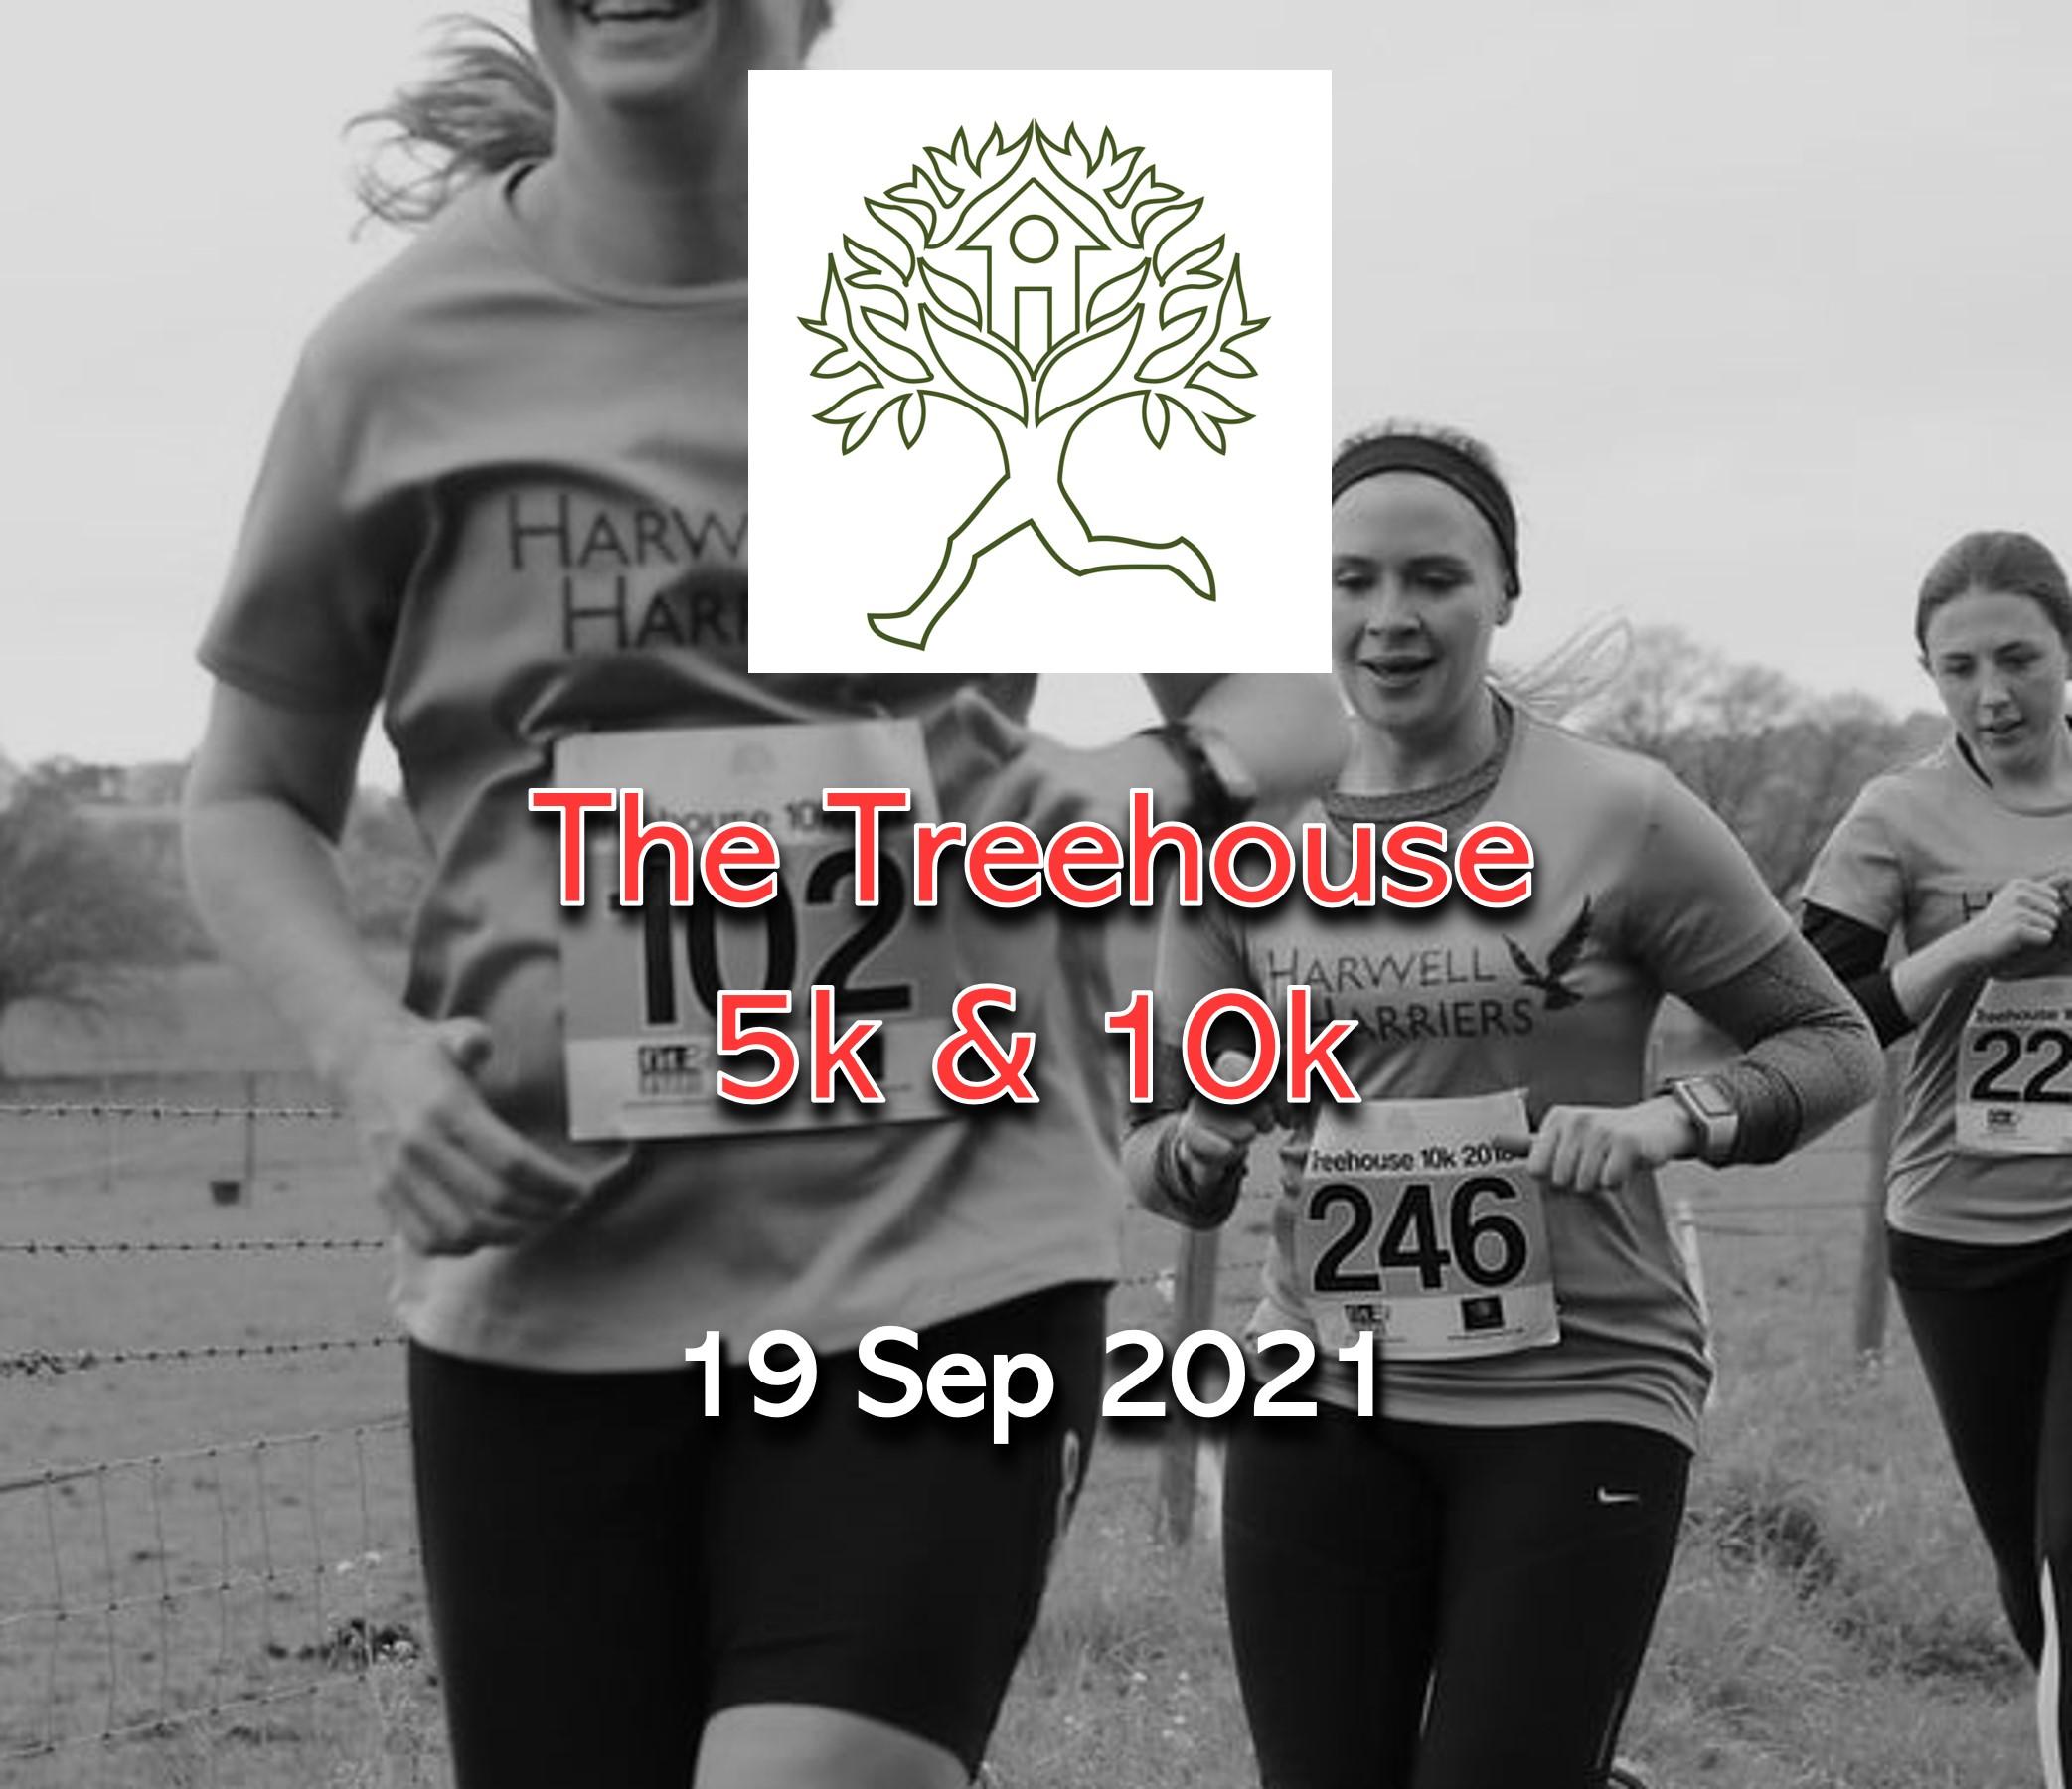 Treehouse 5k & 10k